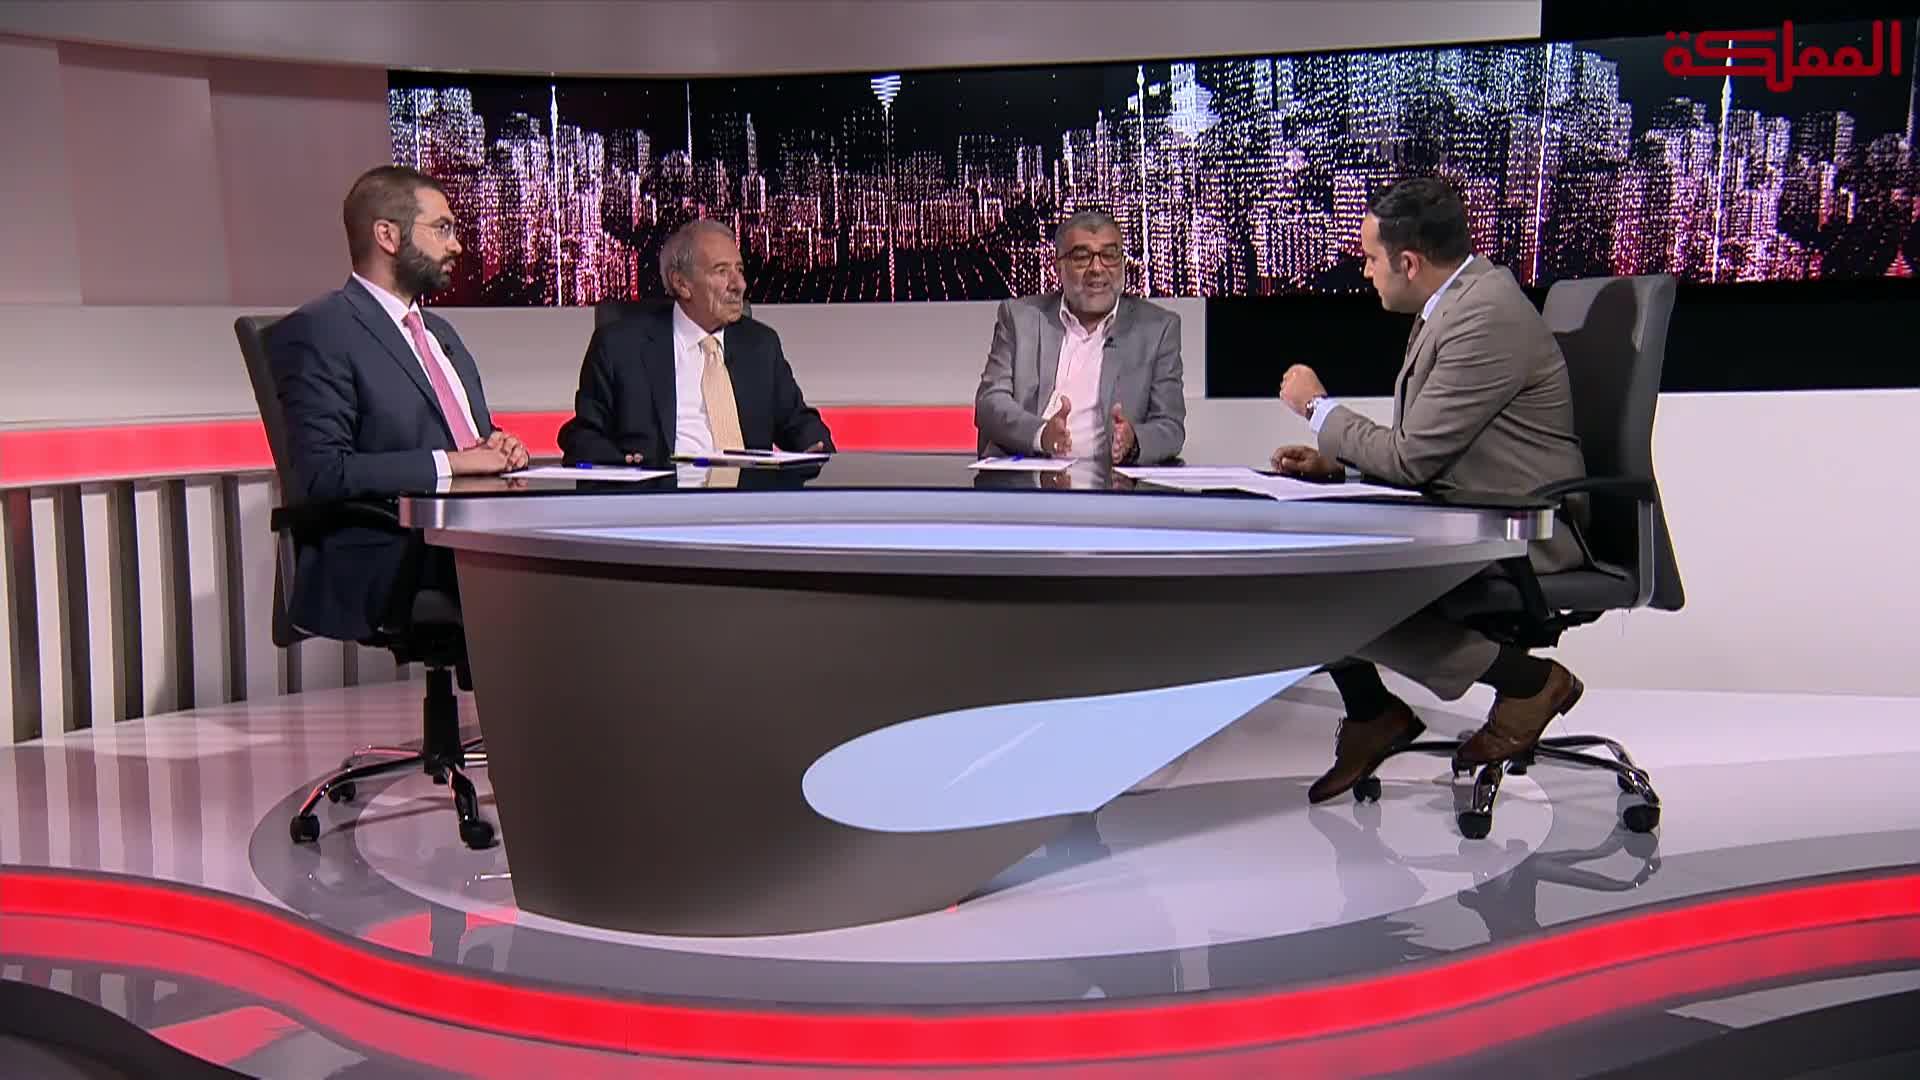 صوت المملكة | العمل الكتلوي في مجلس النواب الأردني ... للمناسبات